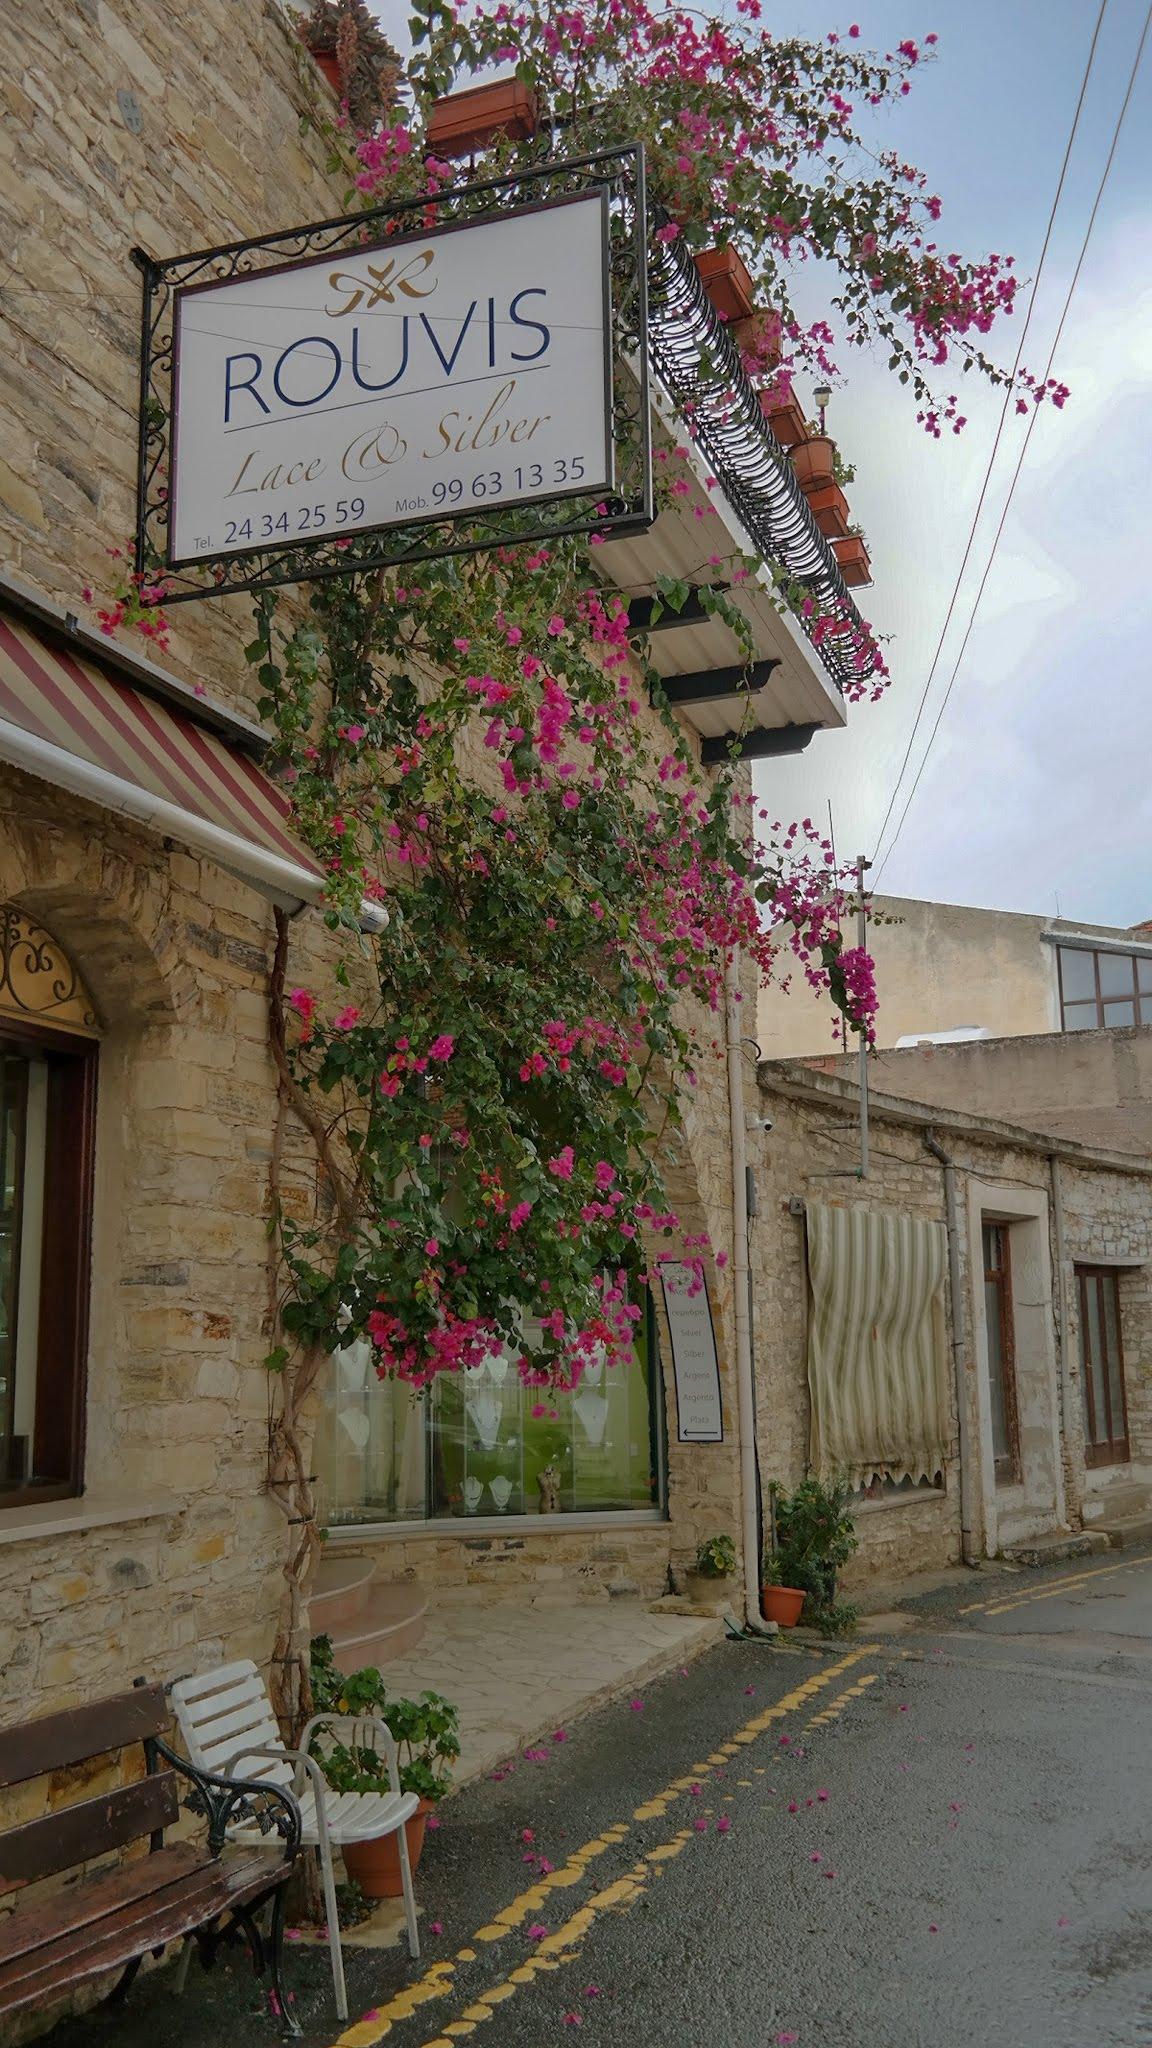 Pano-Lefkara-Cypr-południowy-Co-zwiedzić-i-zobaczyc-na-cyprze